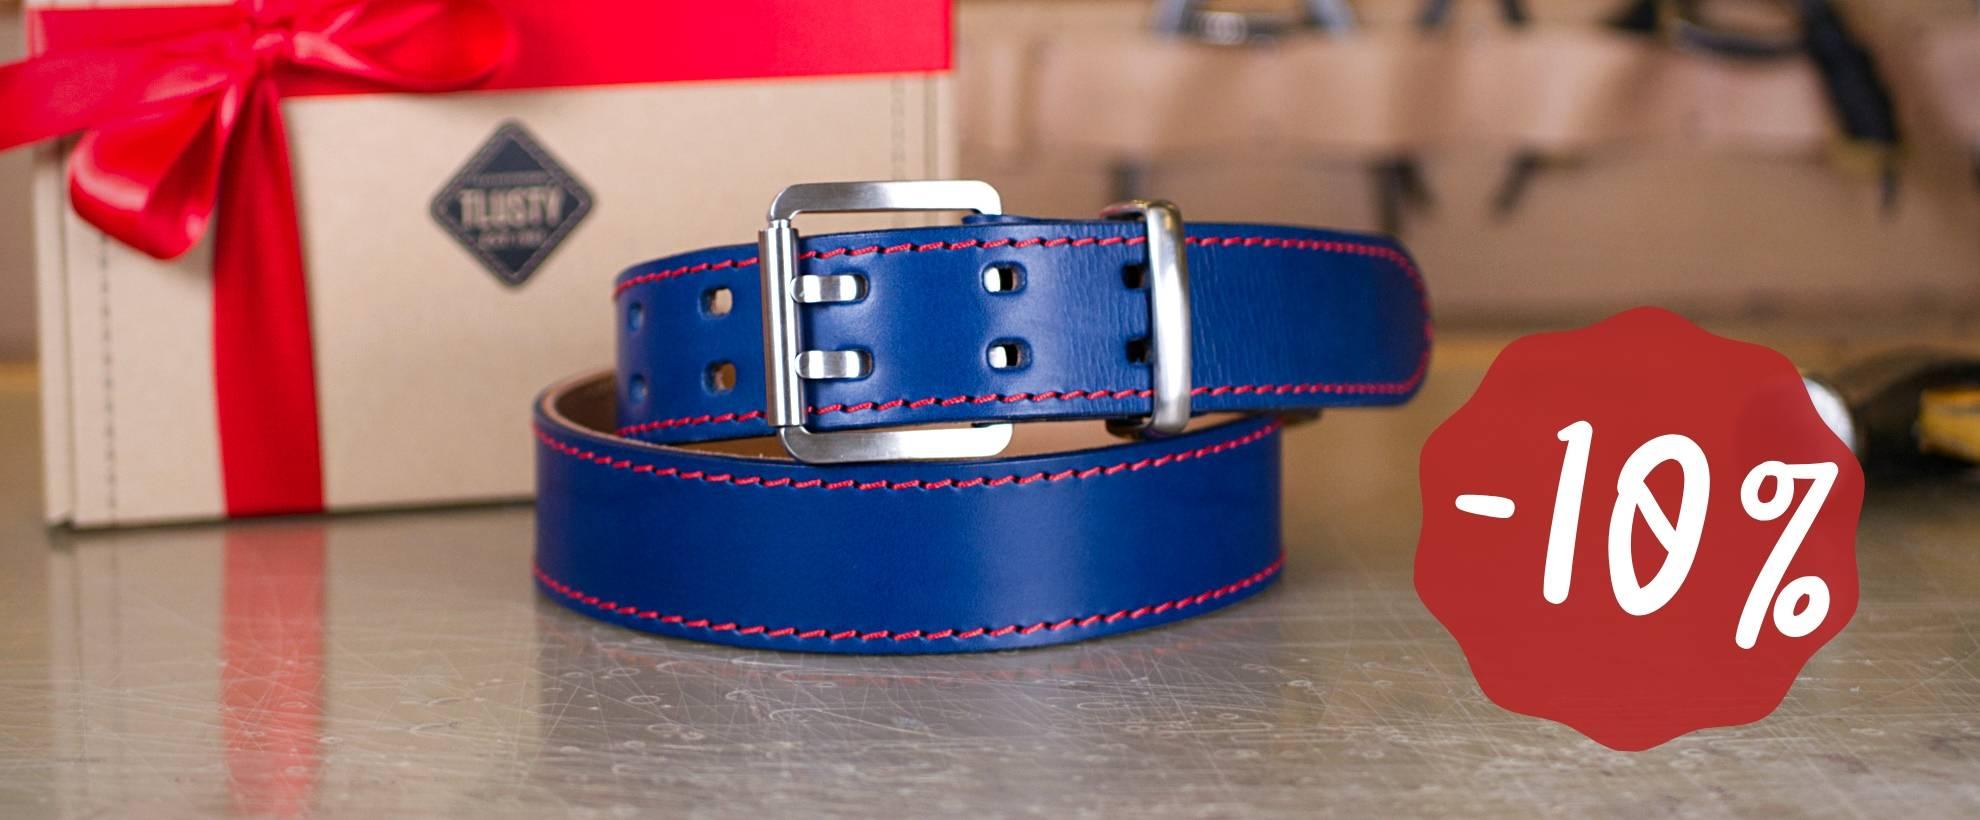 Vanoce - pouze do 17 11 - LP BANNER - 1980 x 820 px - belt classic blue.jpg